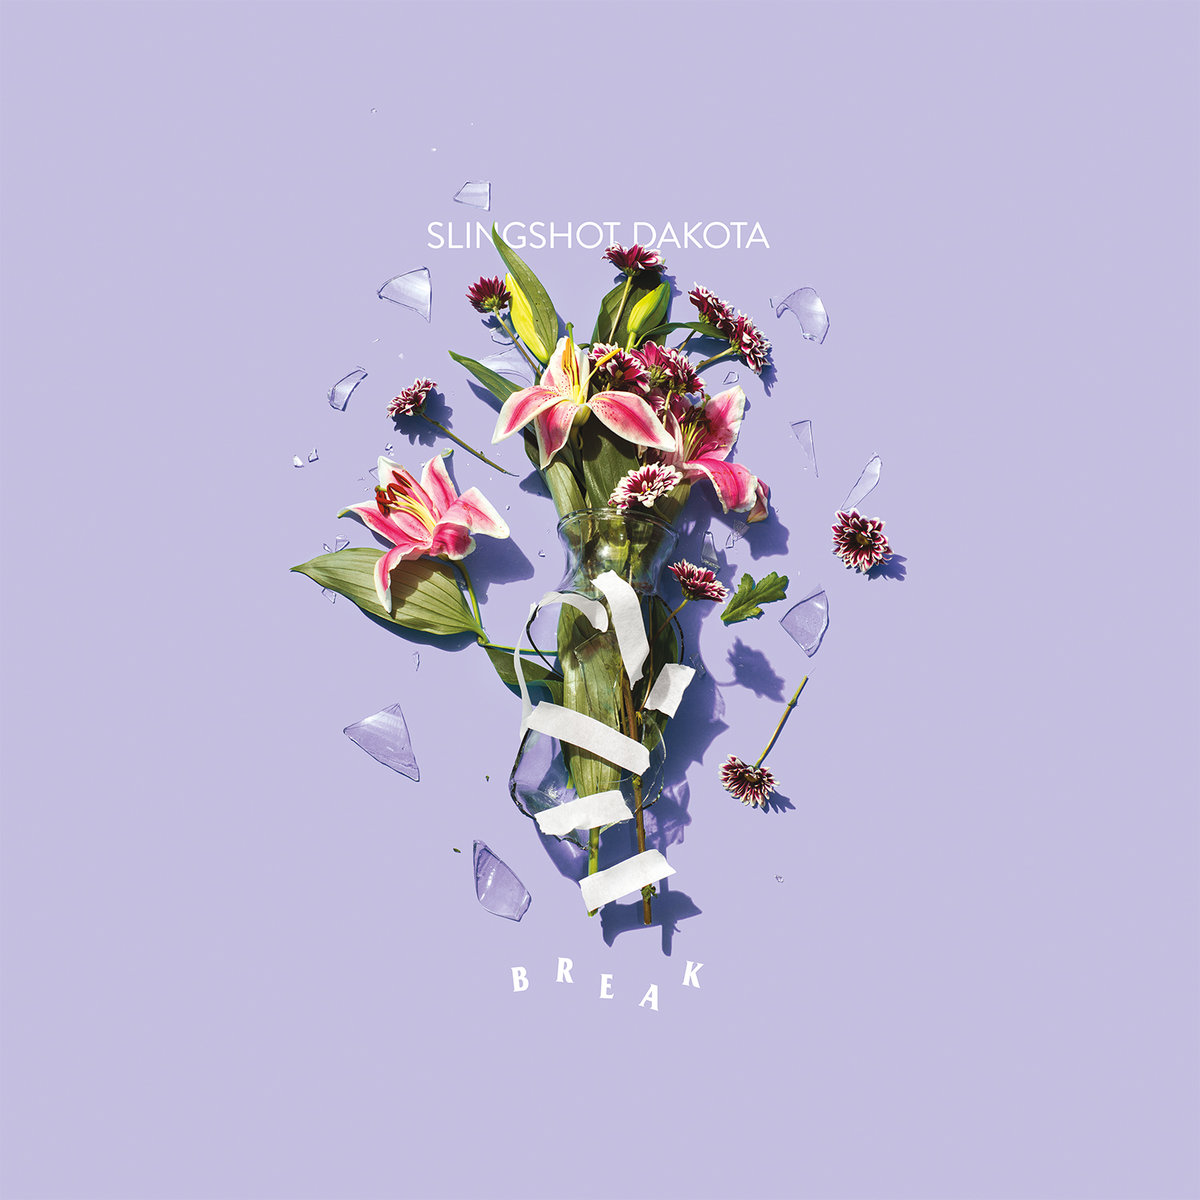 Slingshot Dakota - Break LP